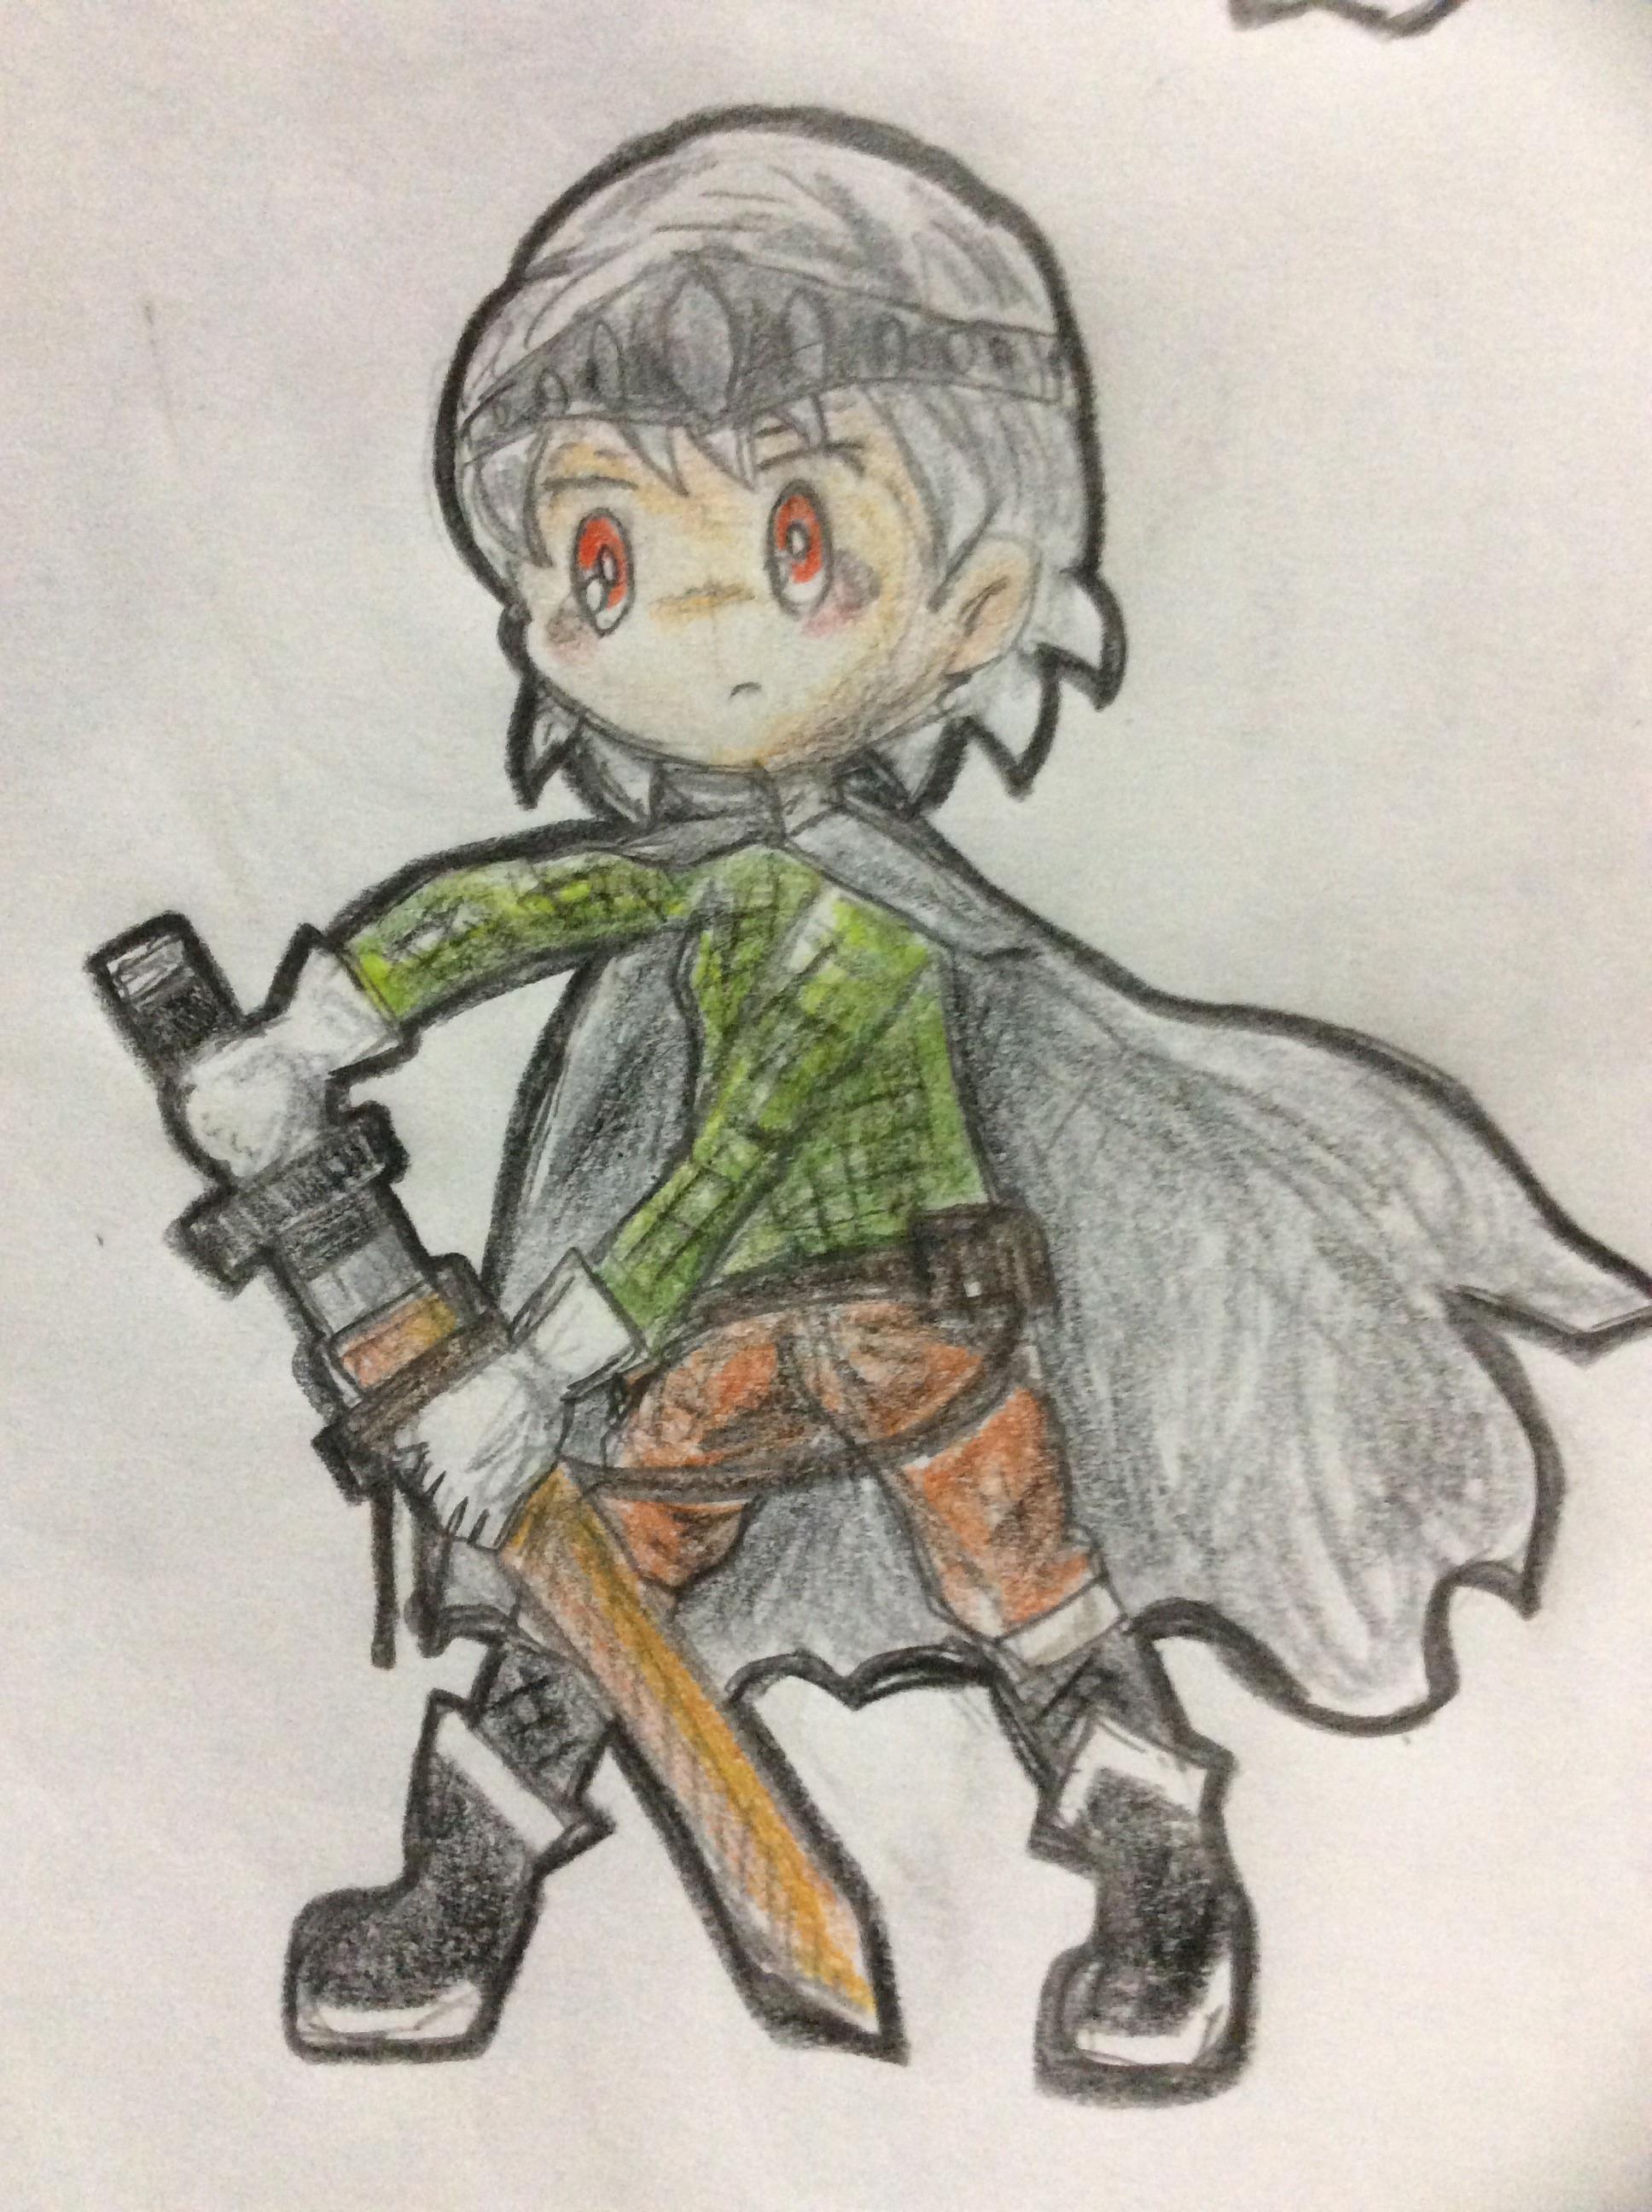 魔王を守る、銀の剣